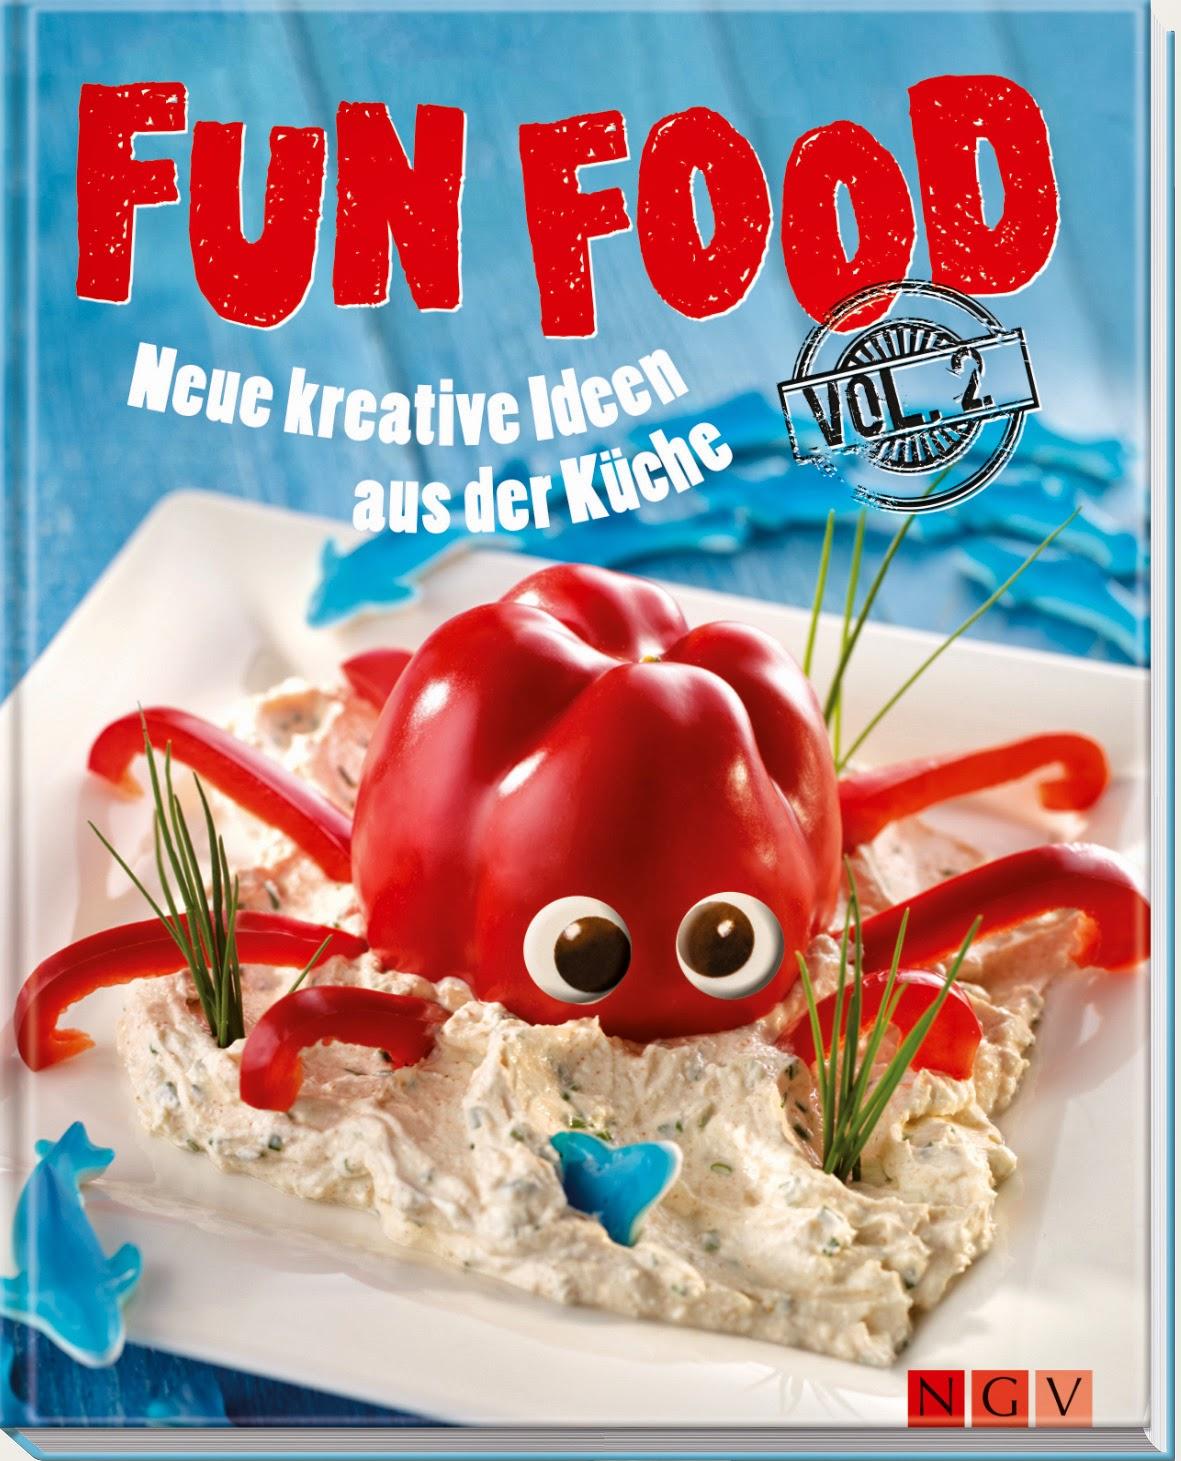 LanisLeckerEcke: Fun Food 2 - Neue kreative Ideen aus der Küche